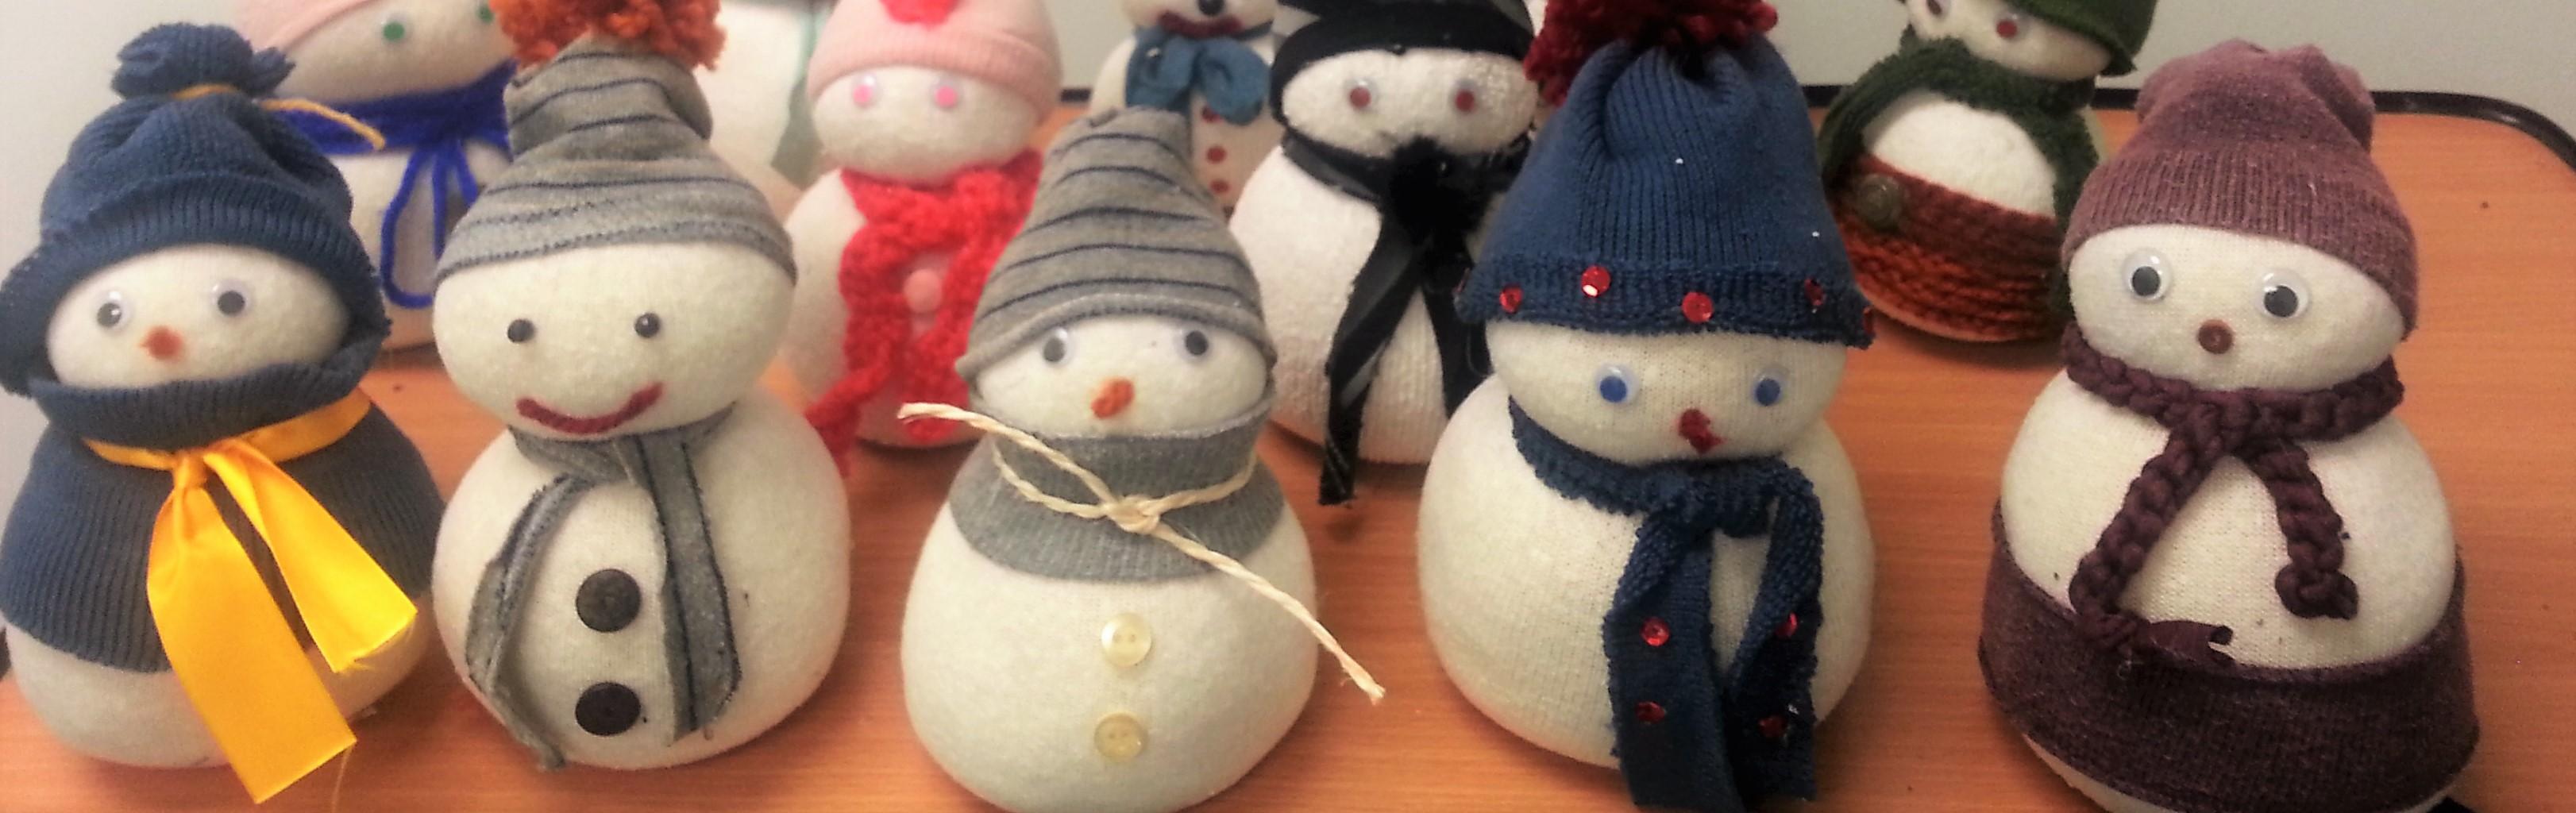 Nuestros muñecos de nieve  (reciclando calcetines)